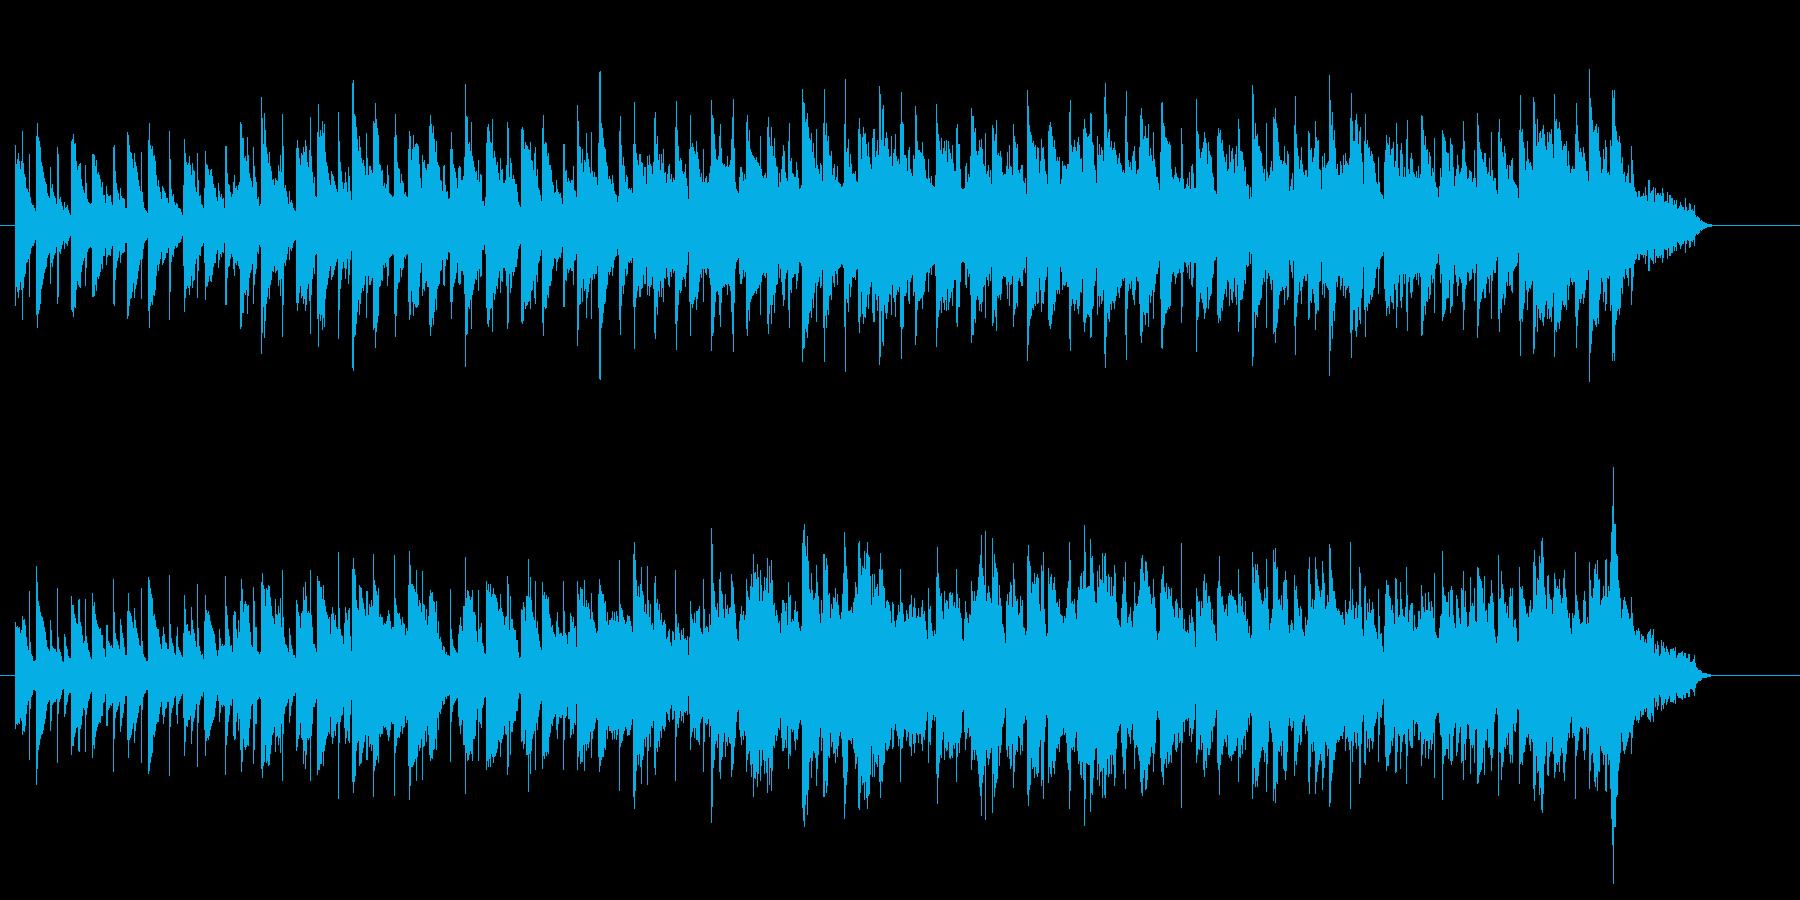 哀愁漂うアコースティック・バラードの再生済みの波形